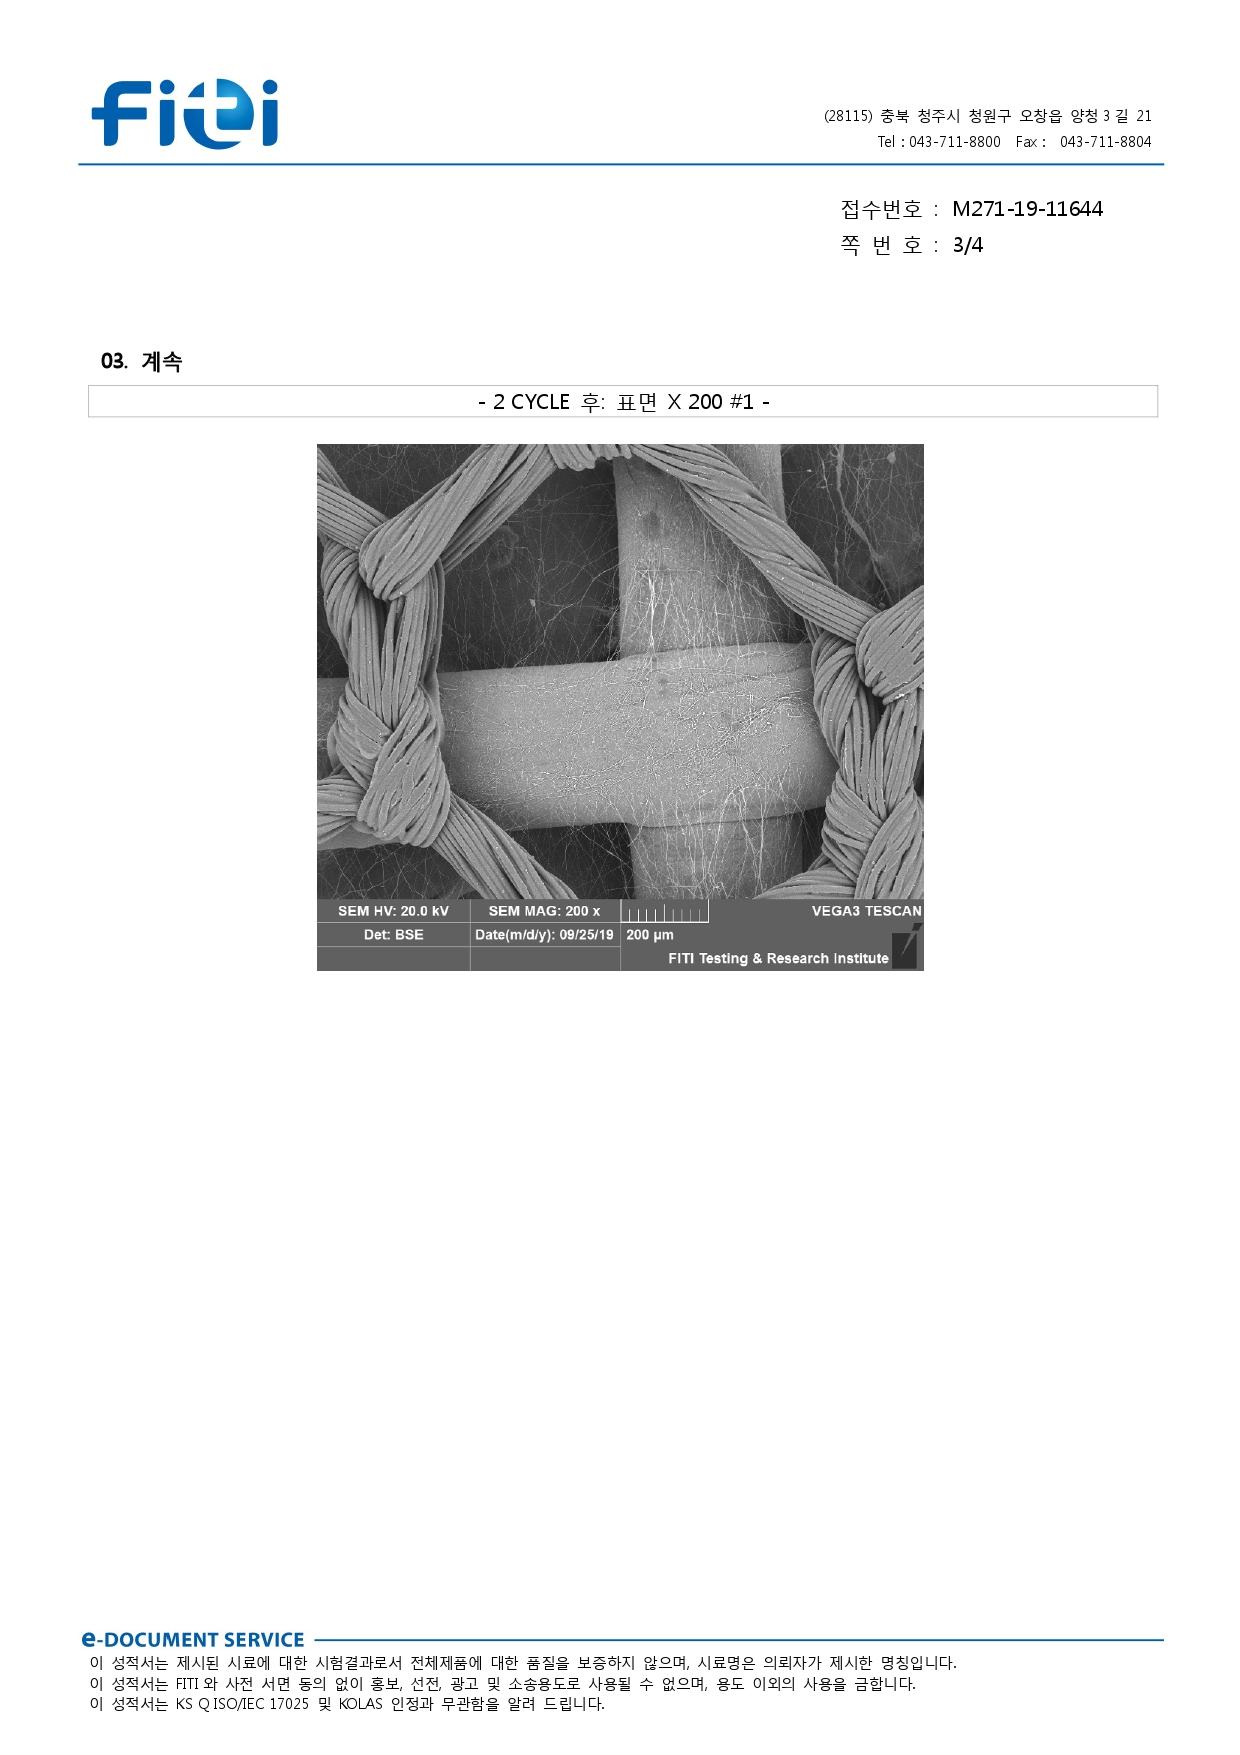 [티엔] 조달청 MAS용 성적서 (3)